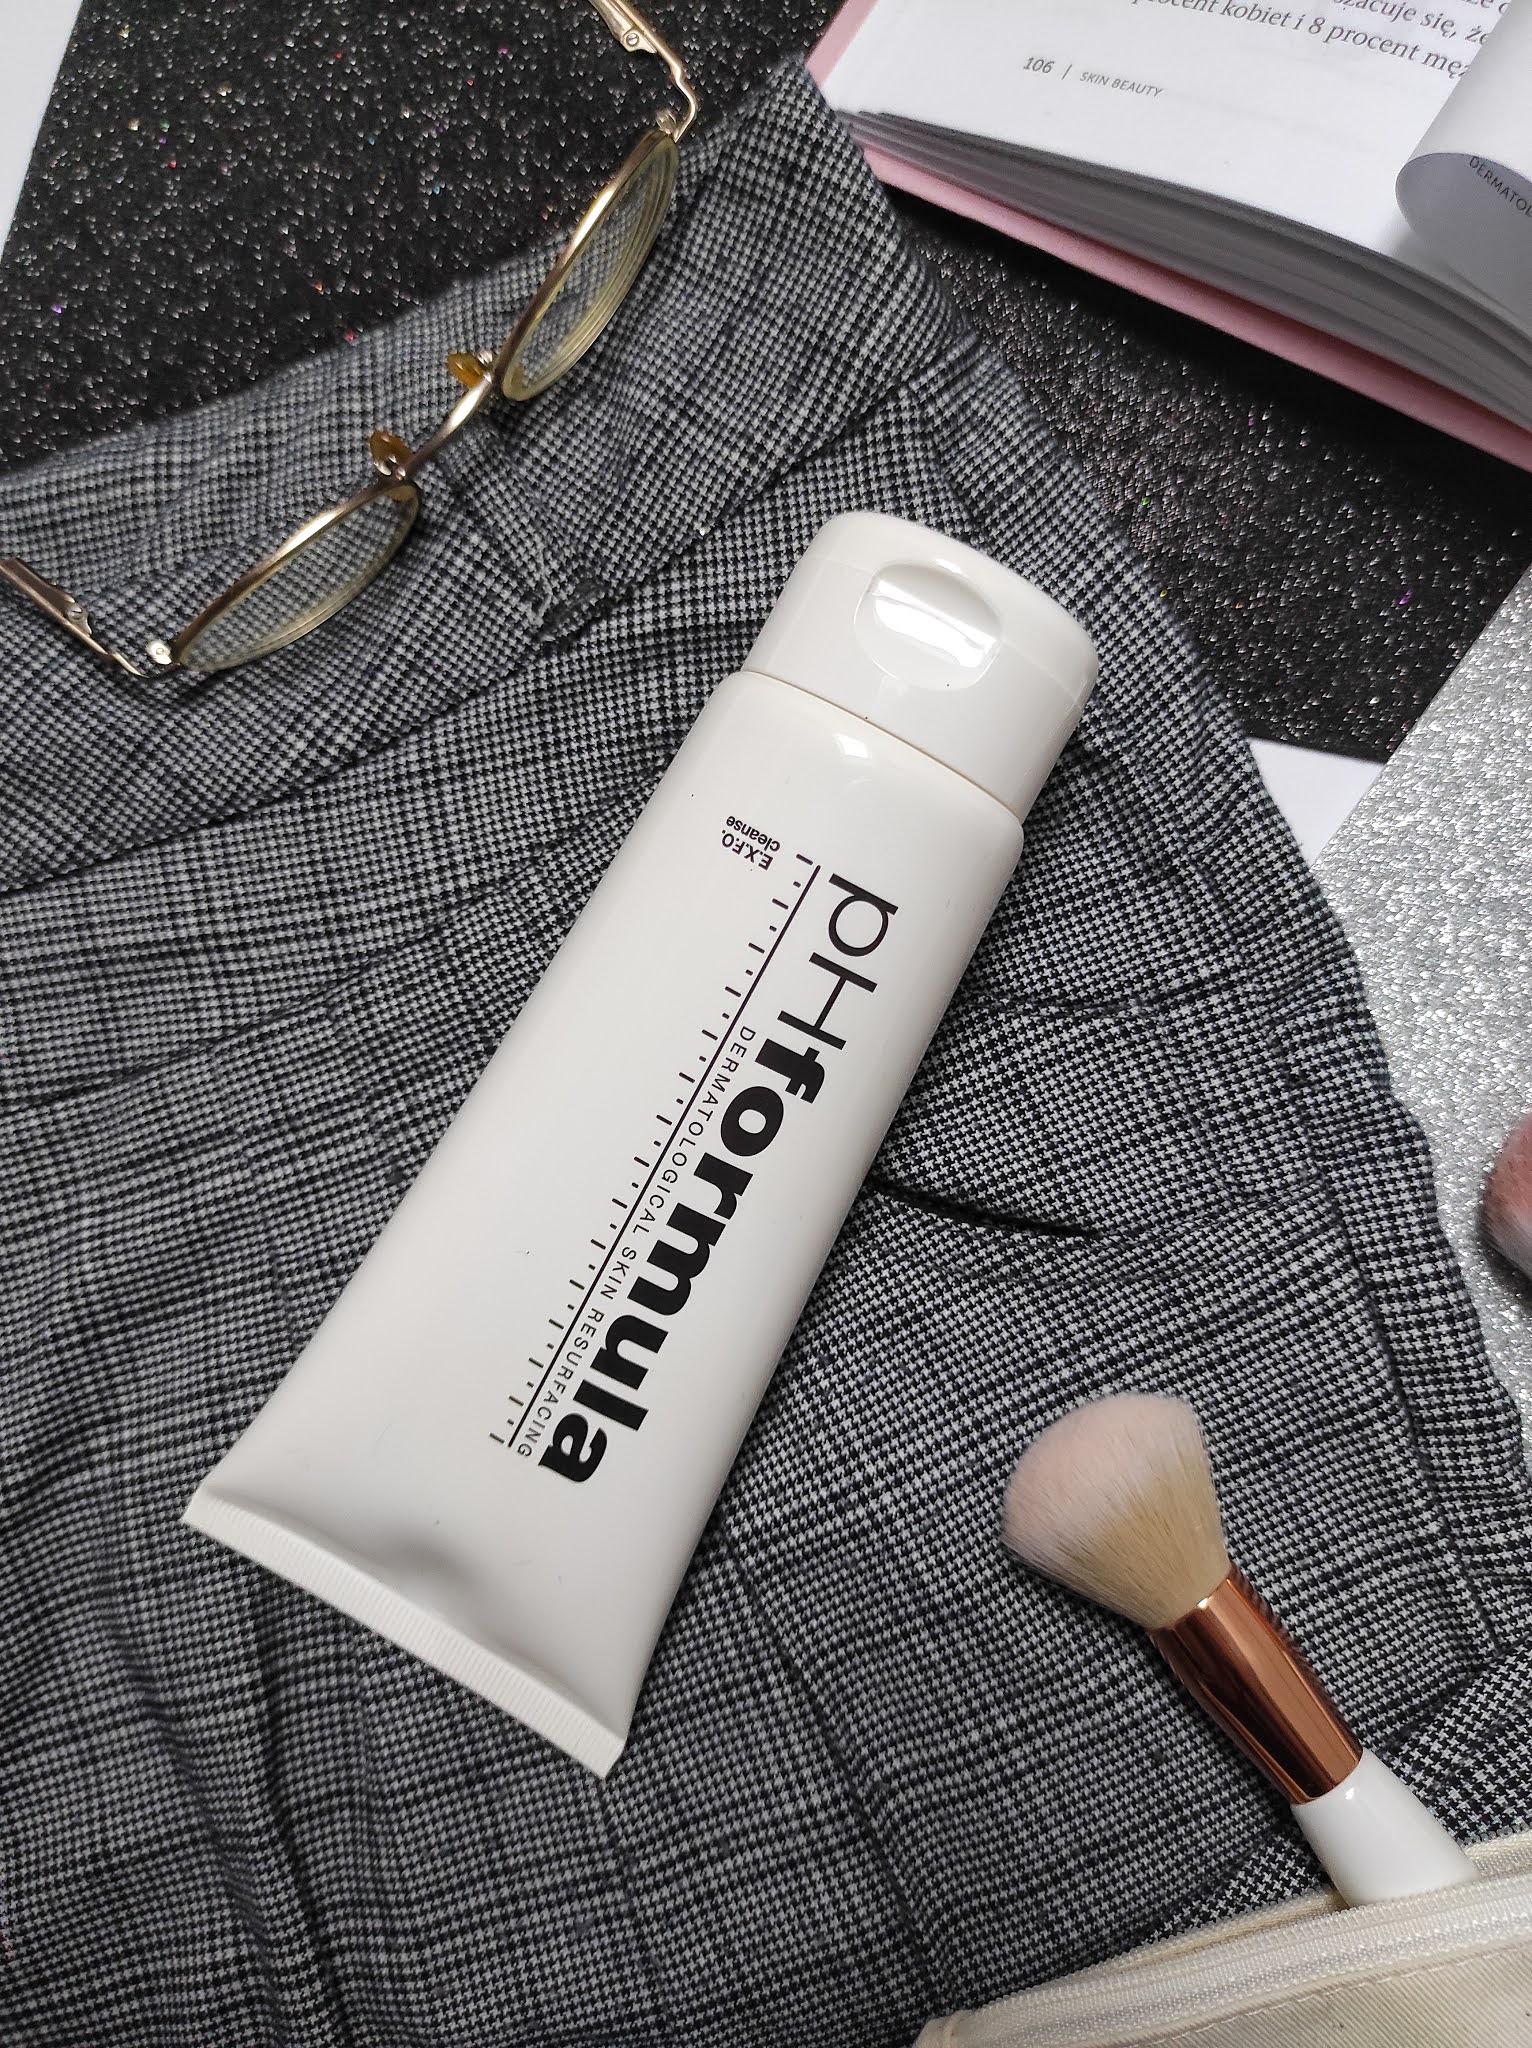 E.X.F.O. Cleanse - emulsja oczyszczająca do twarzy phFormula